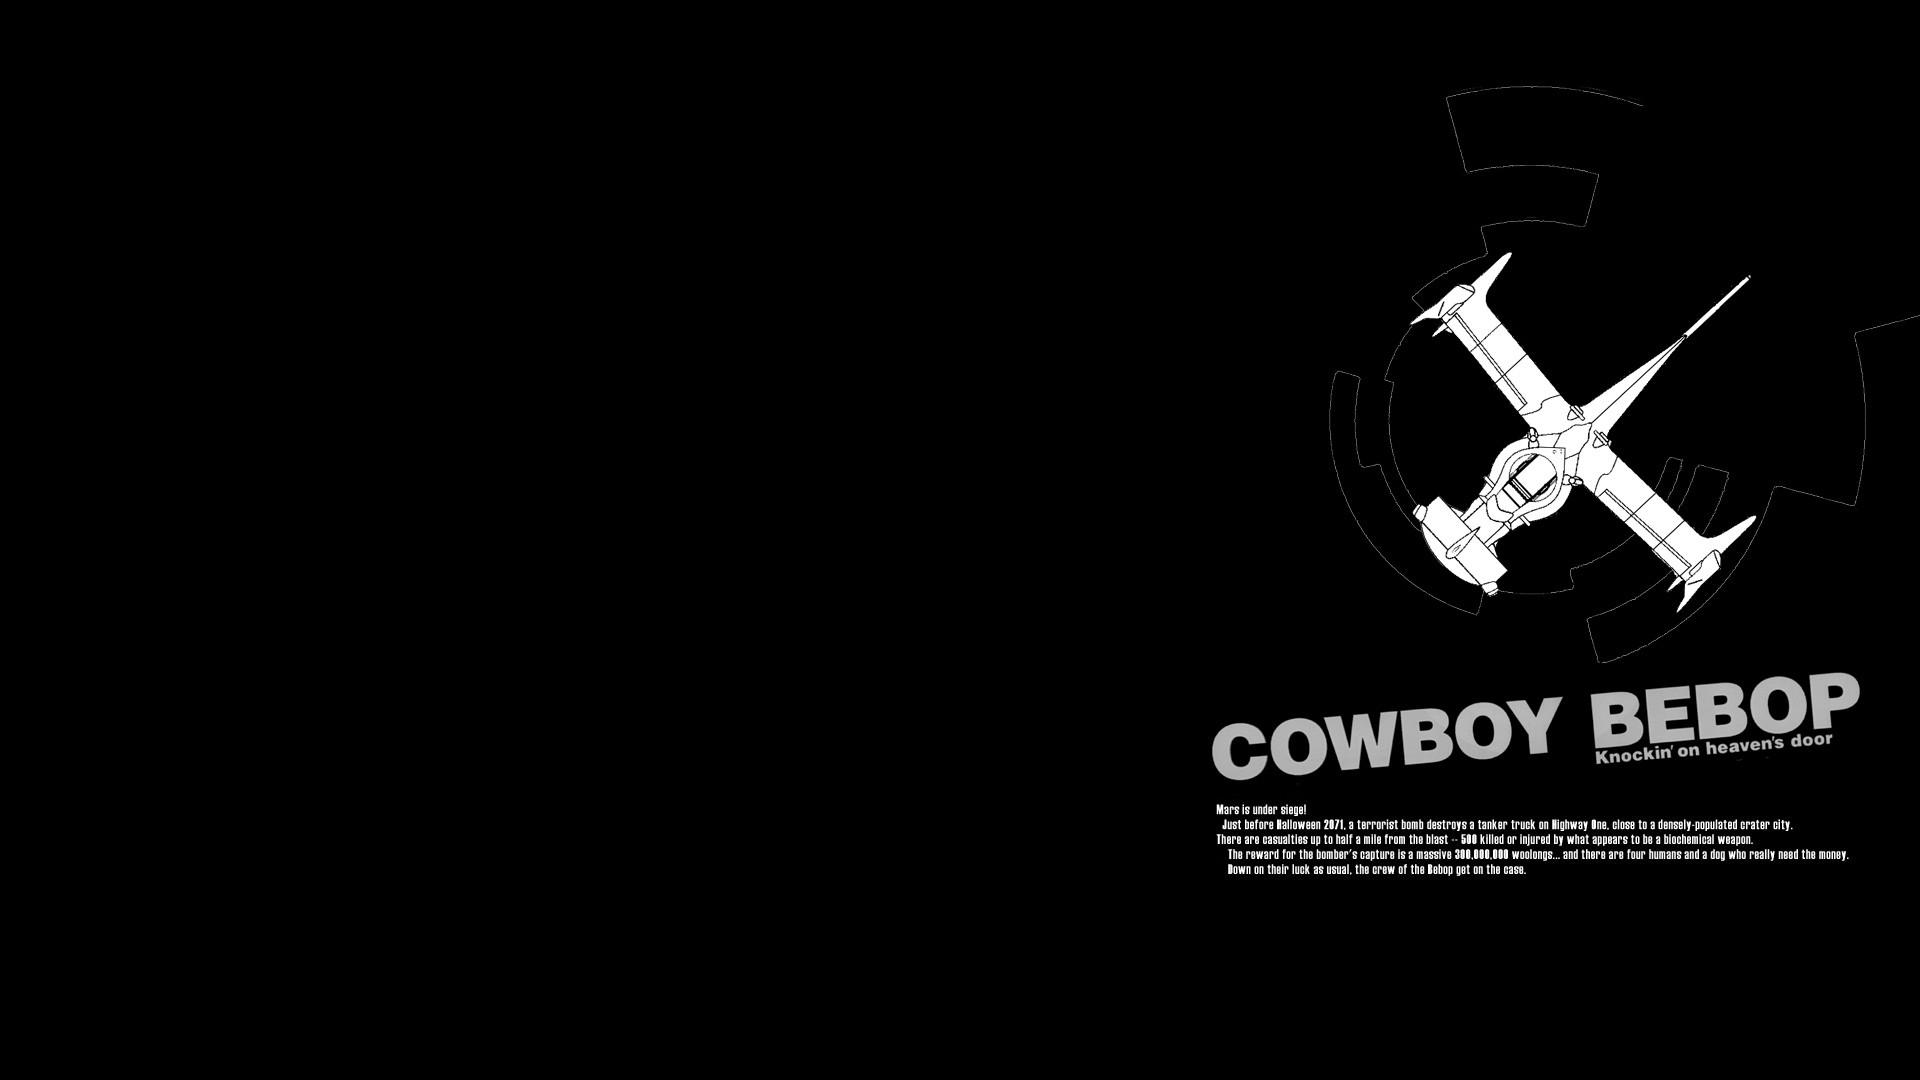 Cowboy Bebop Computer Wallpapers Desktop Backgrounds 1920x1080 ID 1920x1080